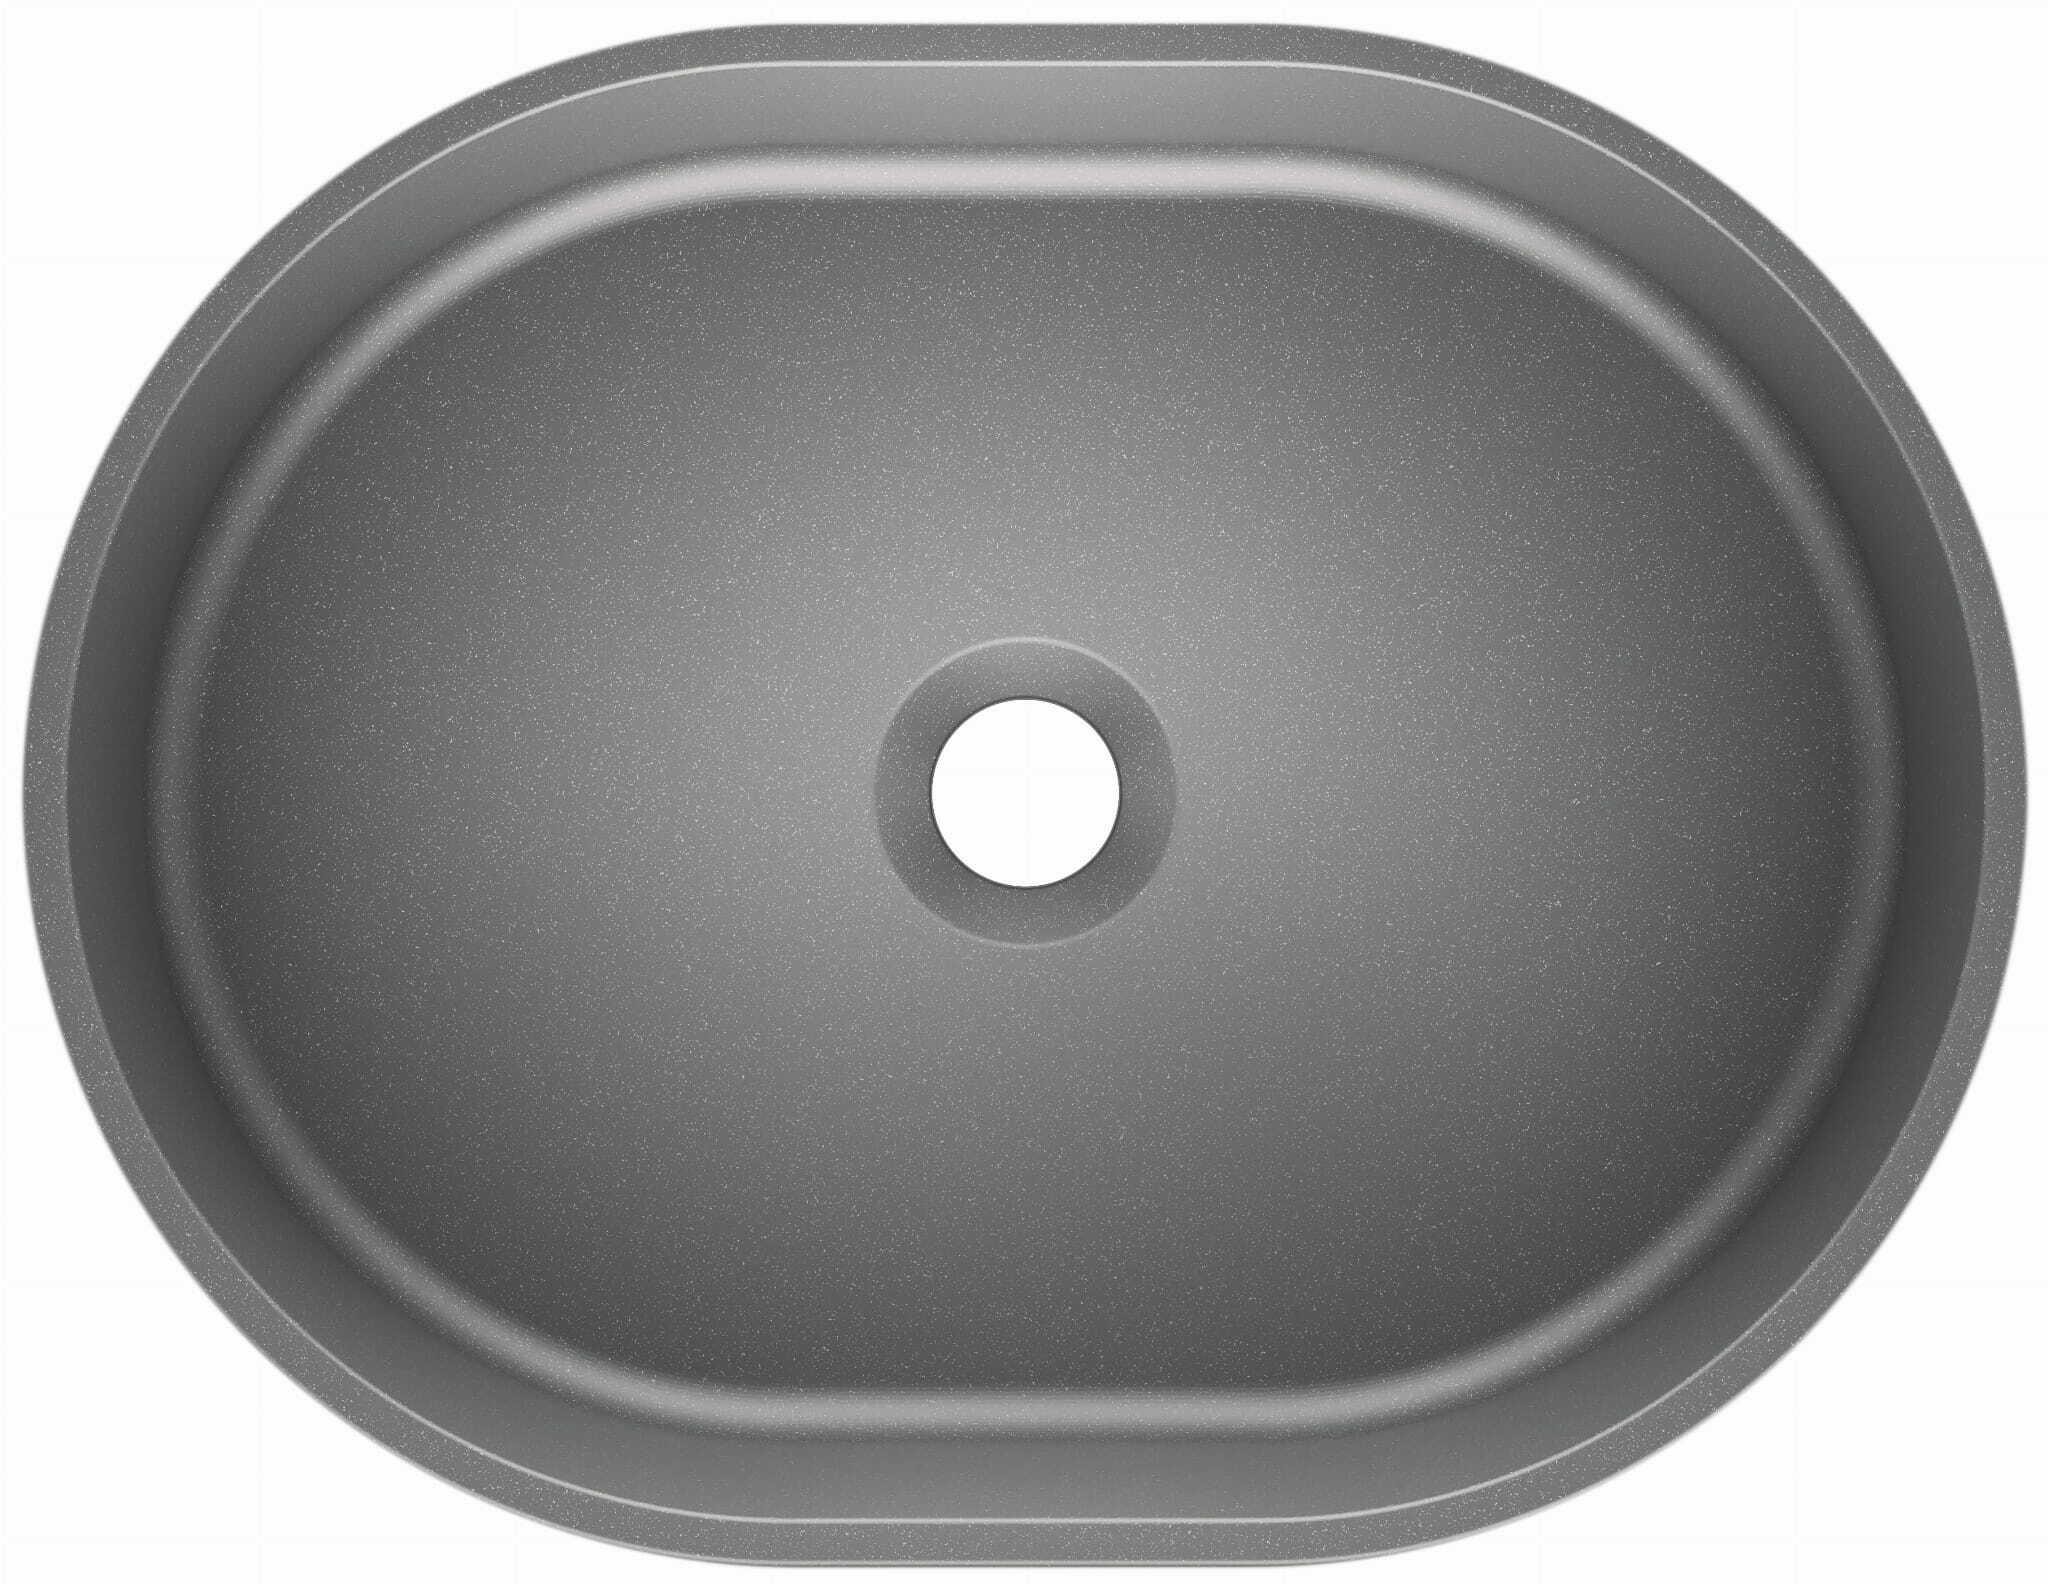 Umywalka nablatowa OLIB 48 Moonlight grey